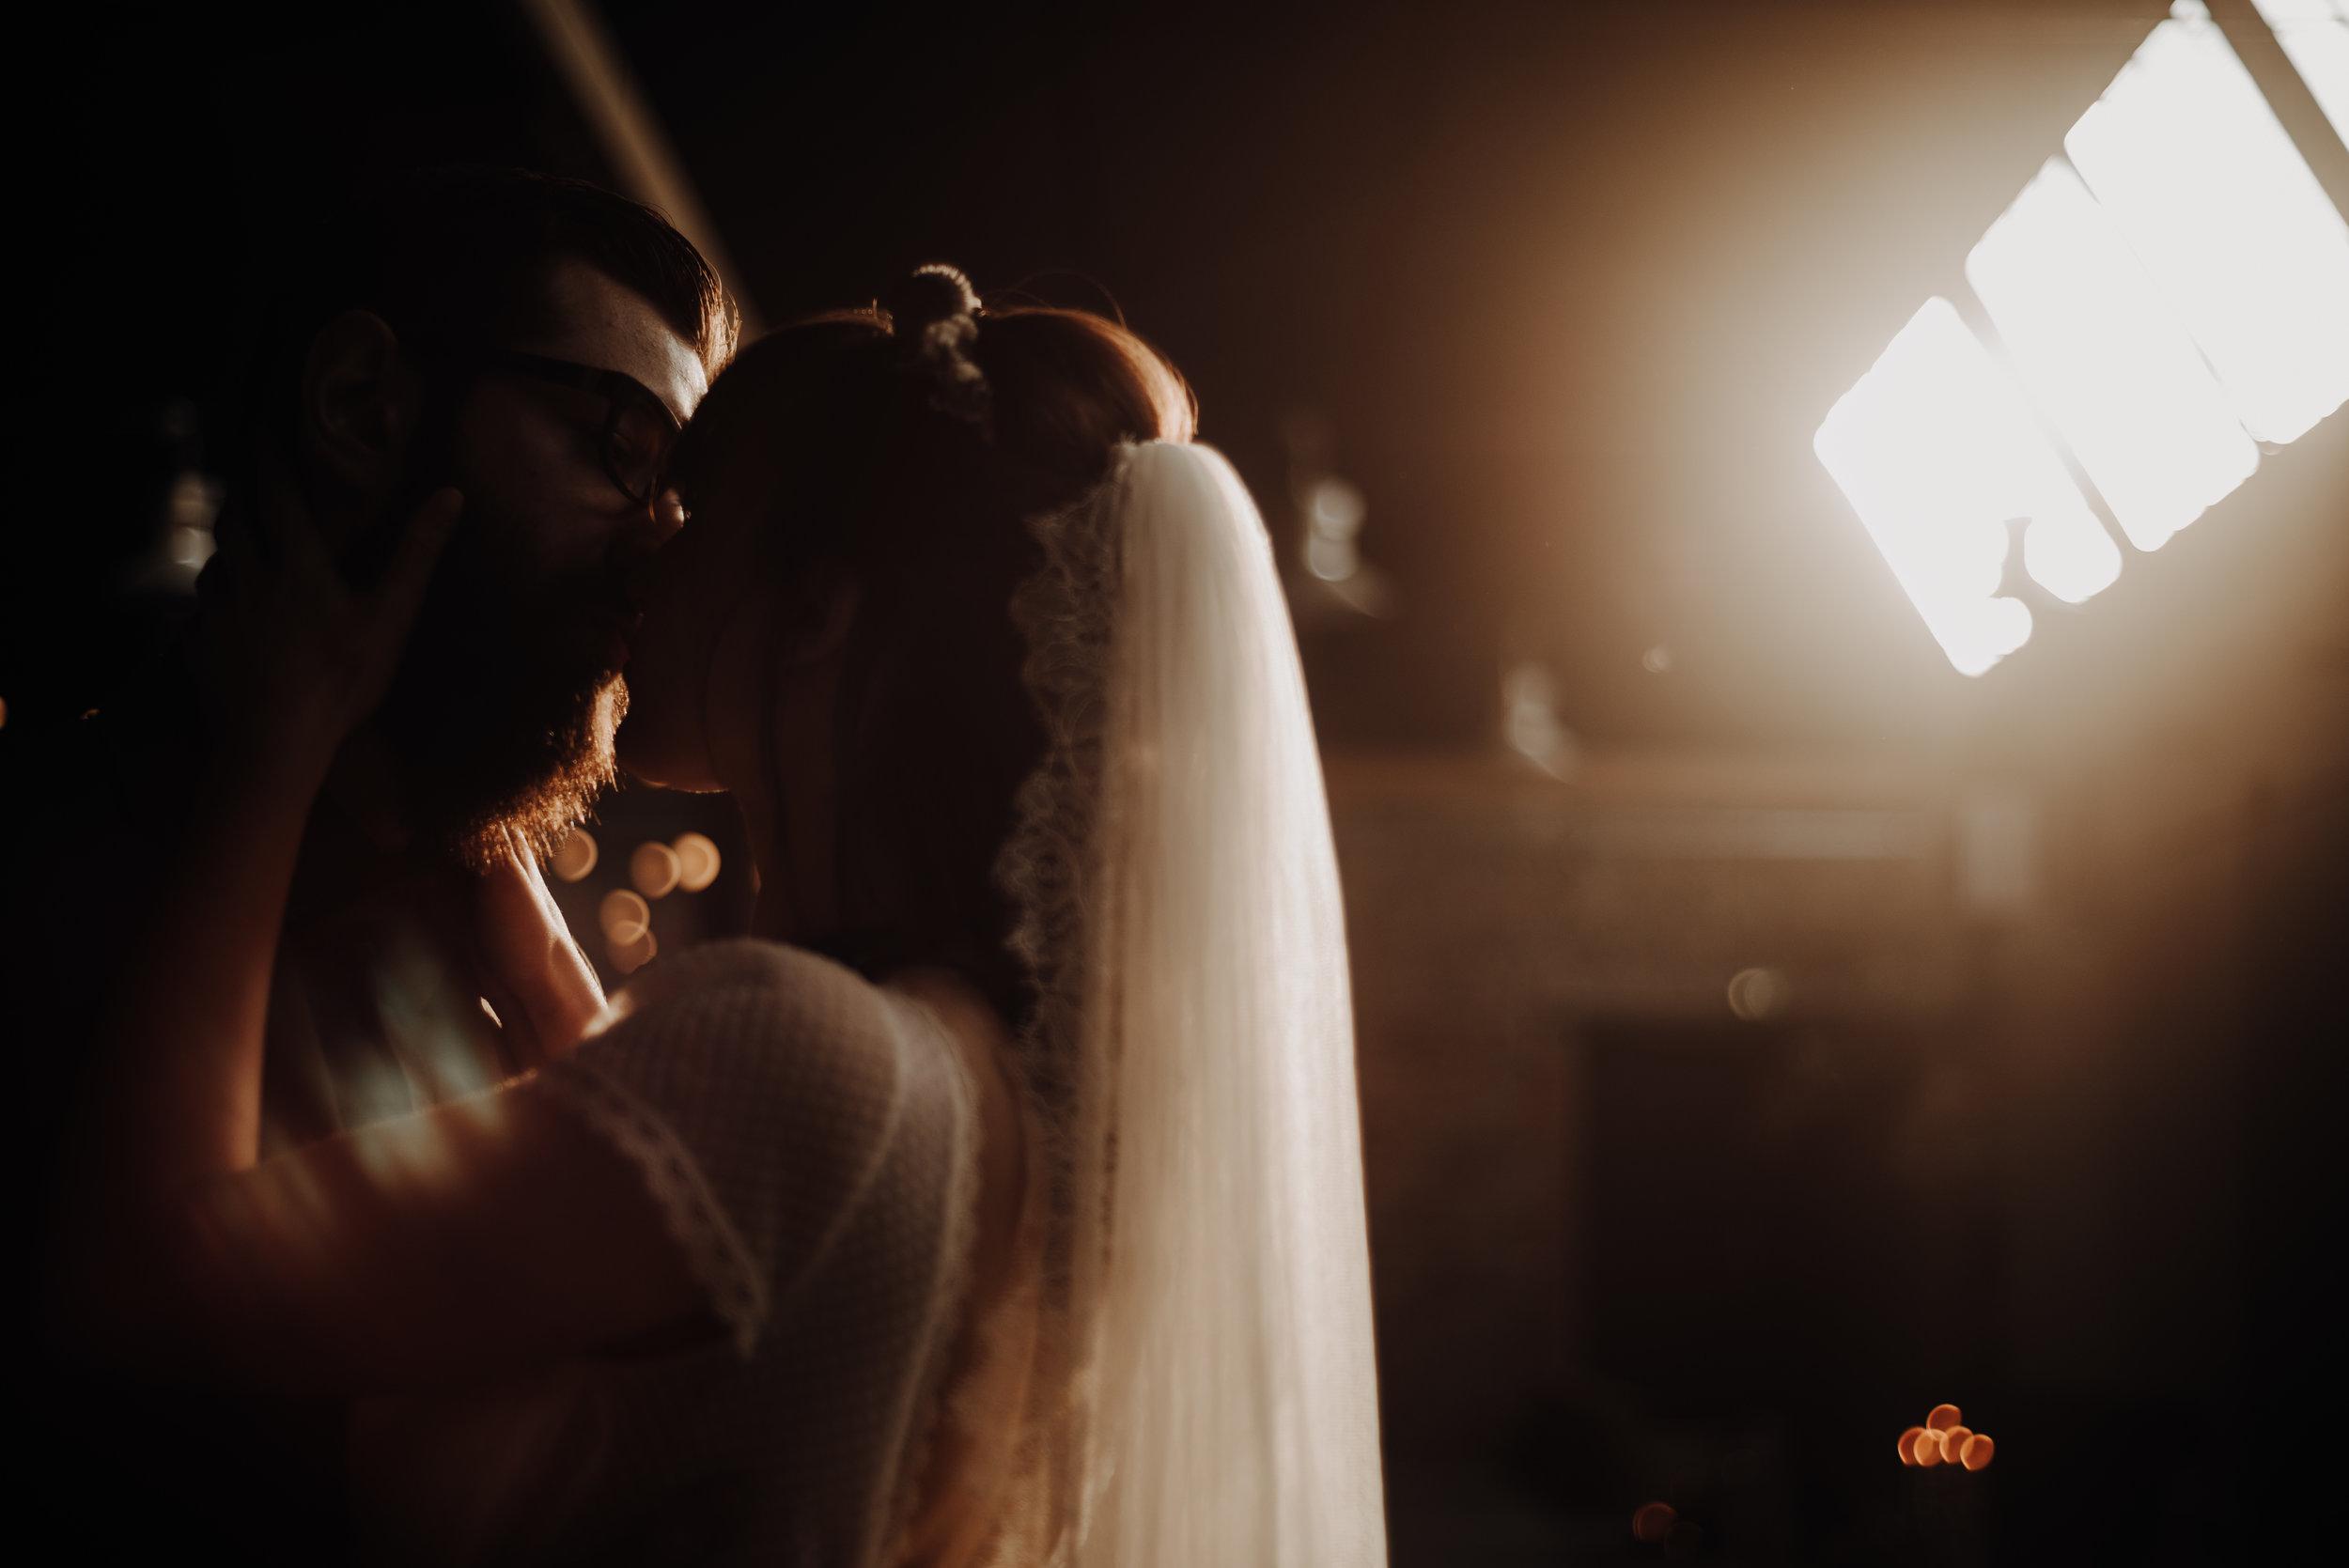 Léa-Fery-photographe-professionnel-lyon-rhone-alpes-portrait-creation-mariage-evenement-evenementiel-famille-2022.jpg